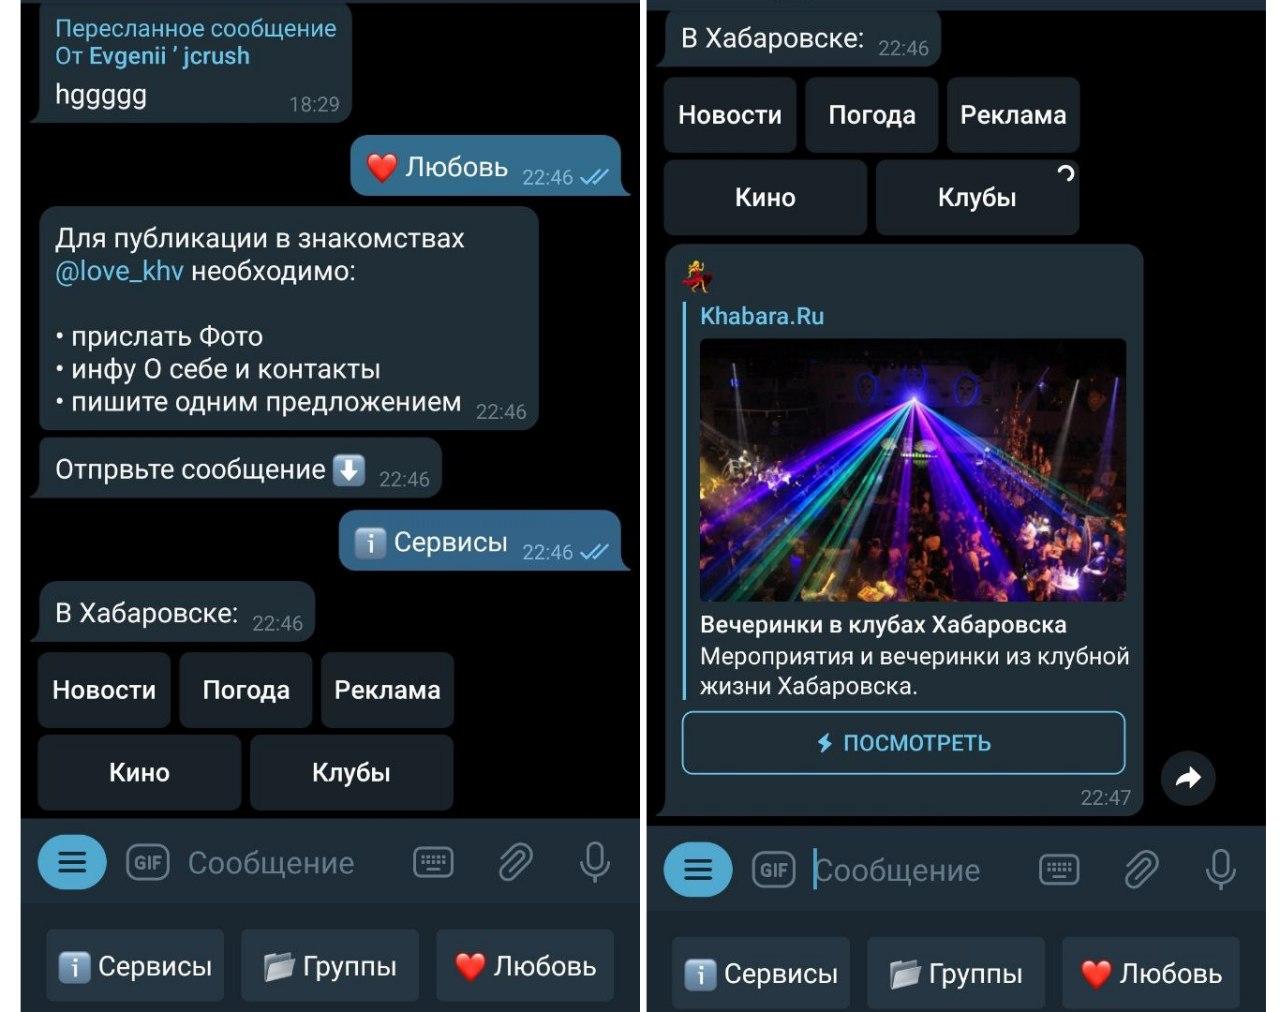 Жители Хабаровска могут узнать все о городе через телеграм-бота